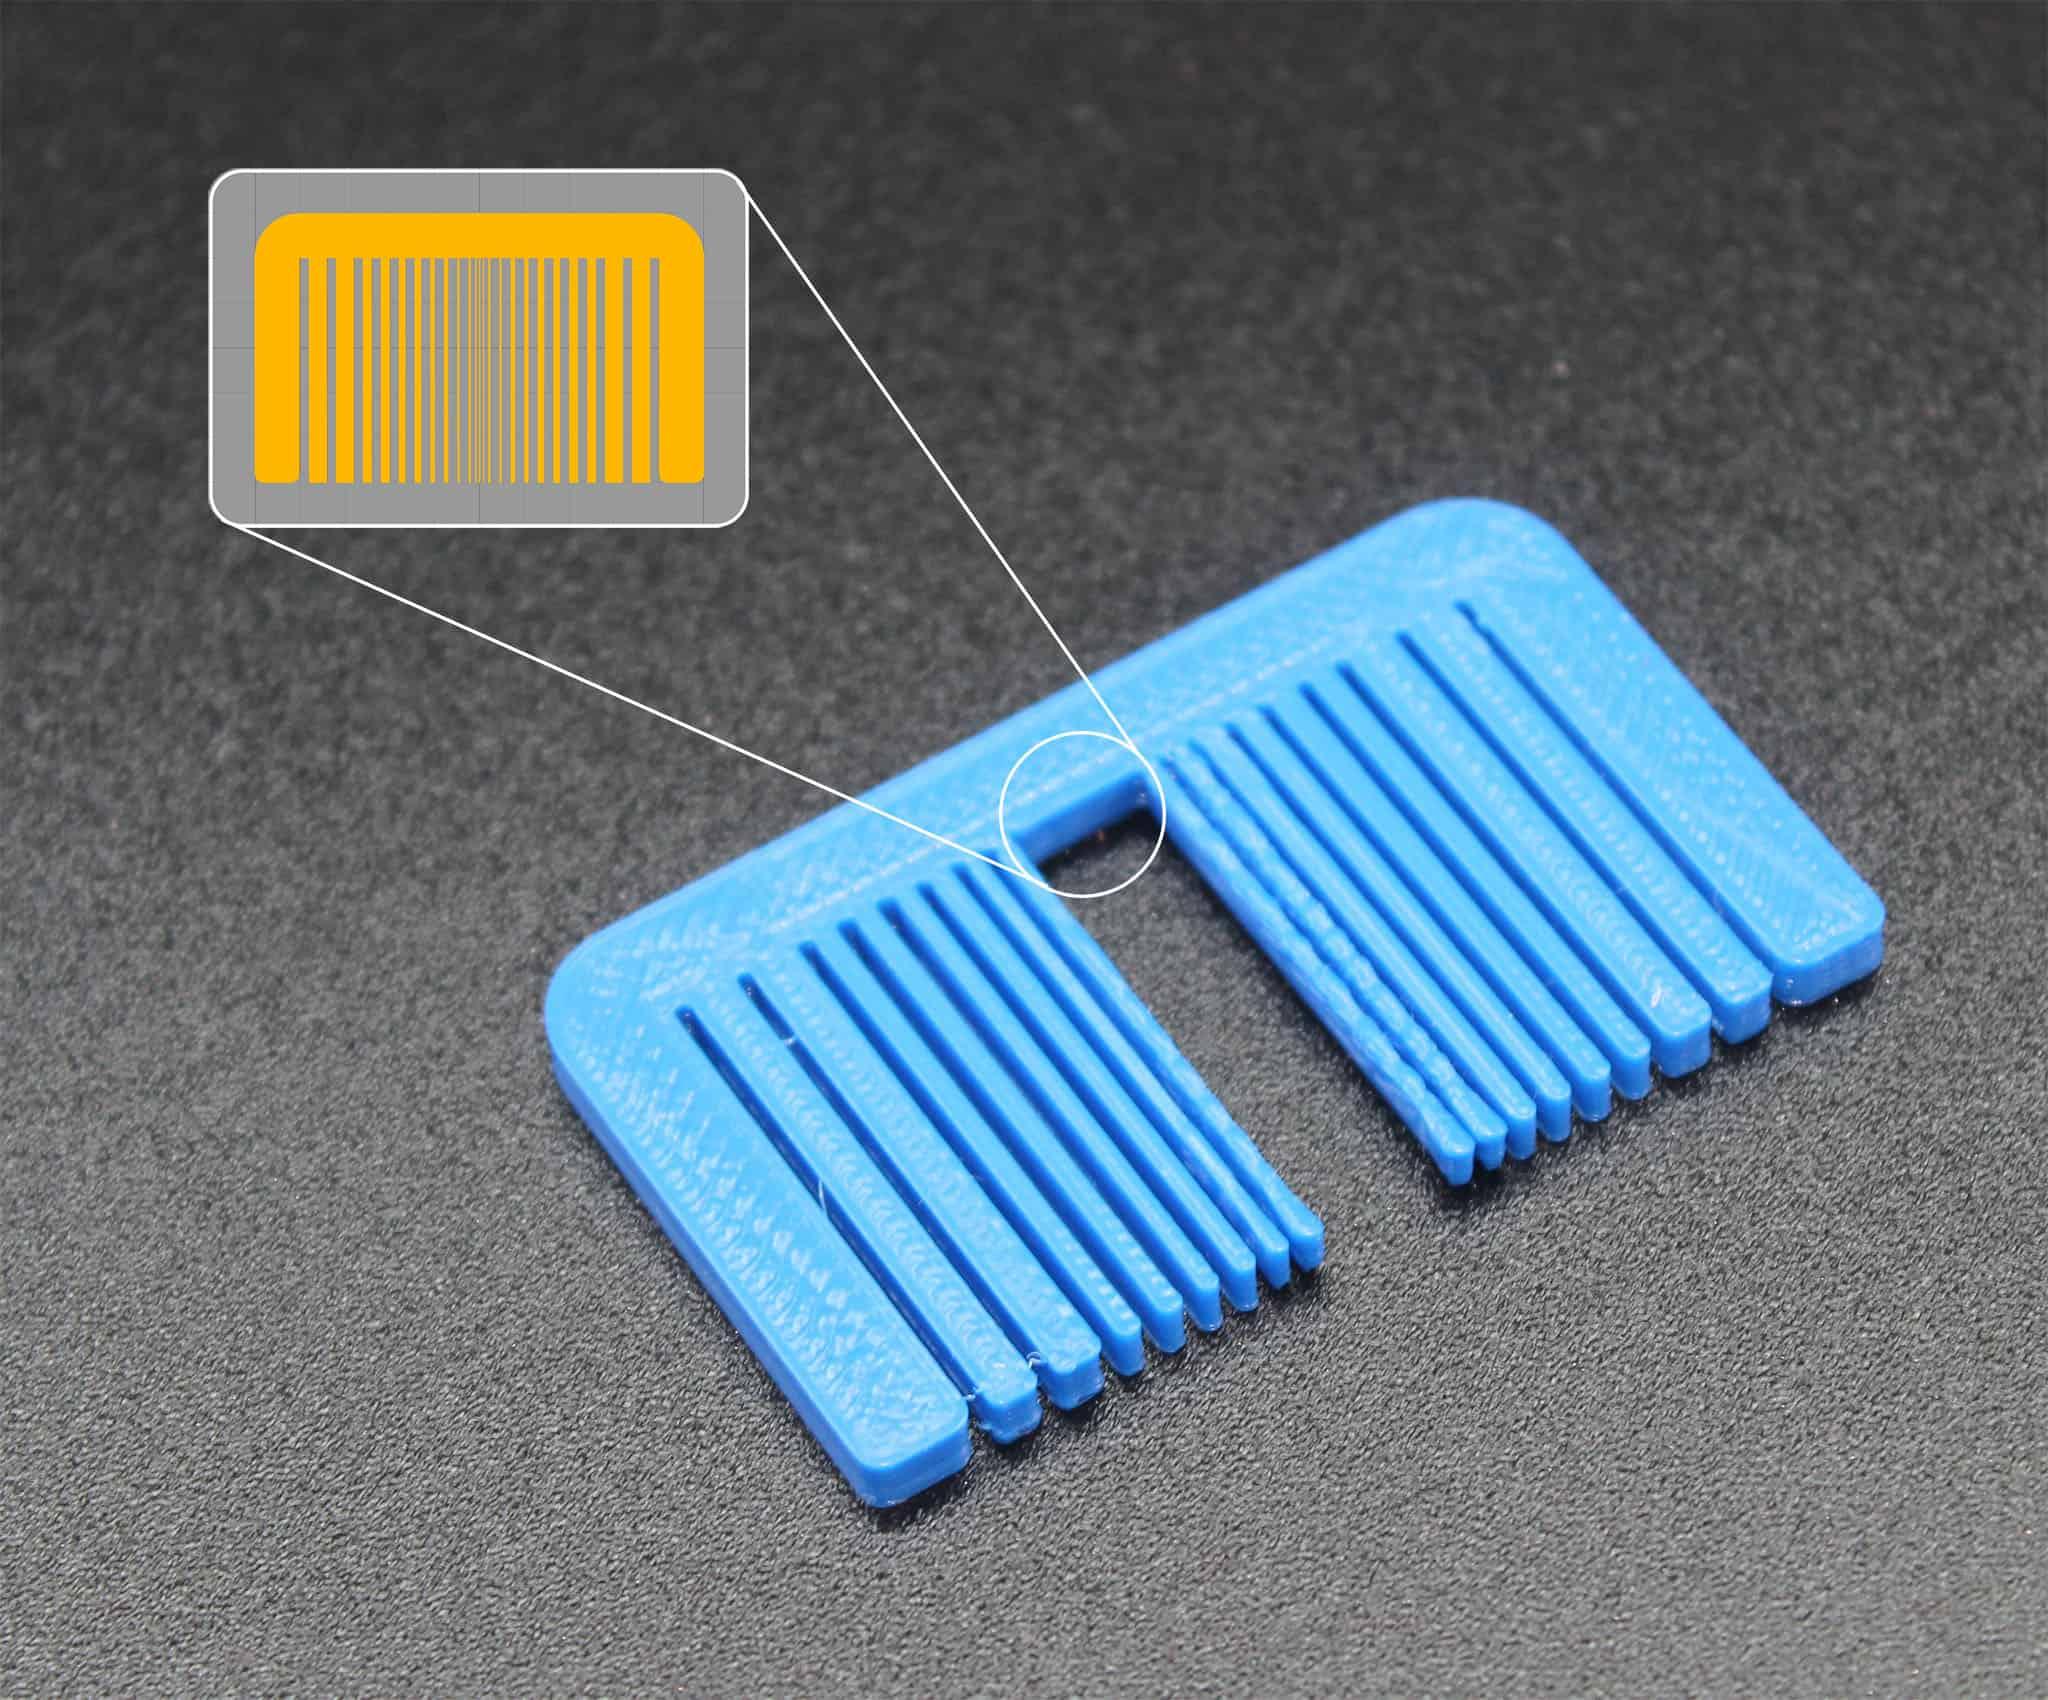 3D Druck – Erste Hilfe: Feine Details werden nicht gedruckt